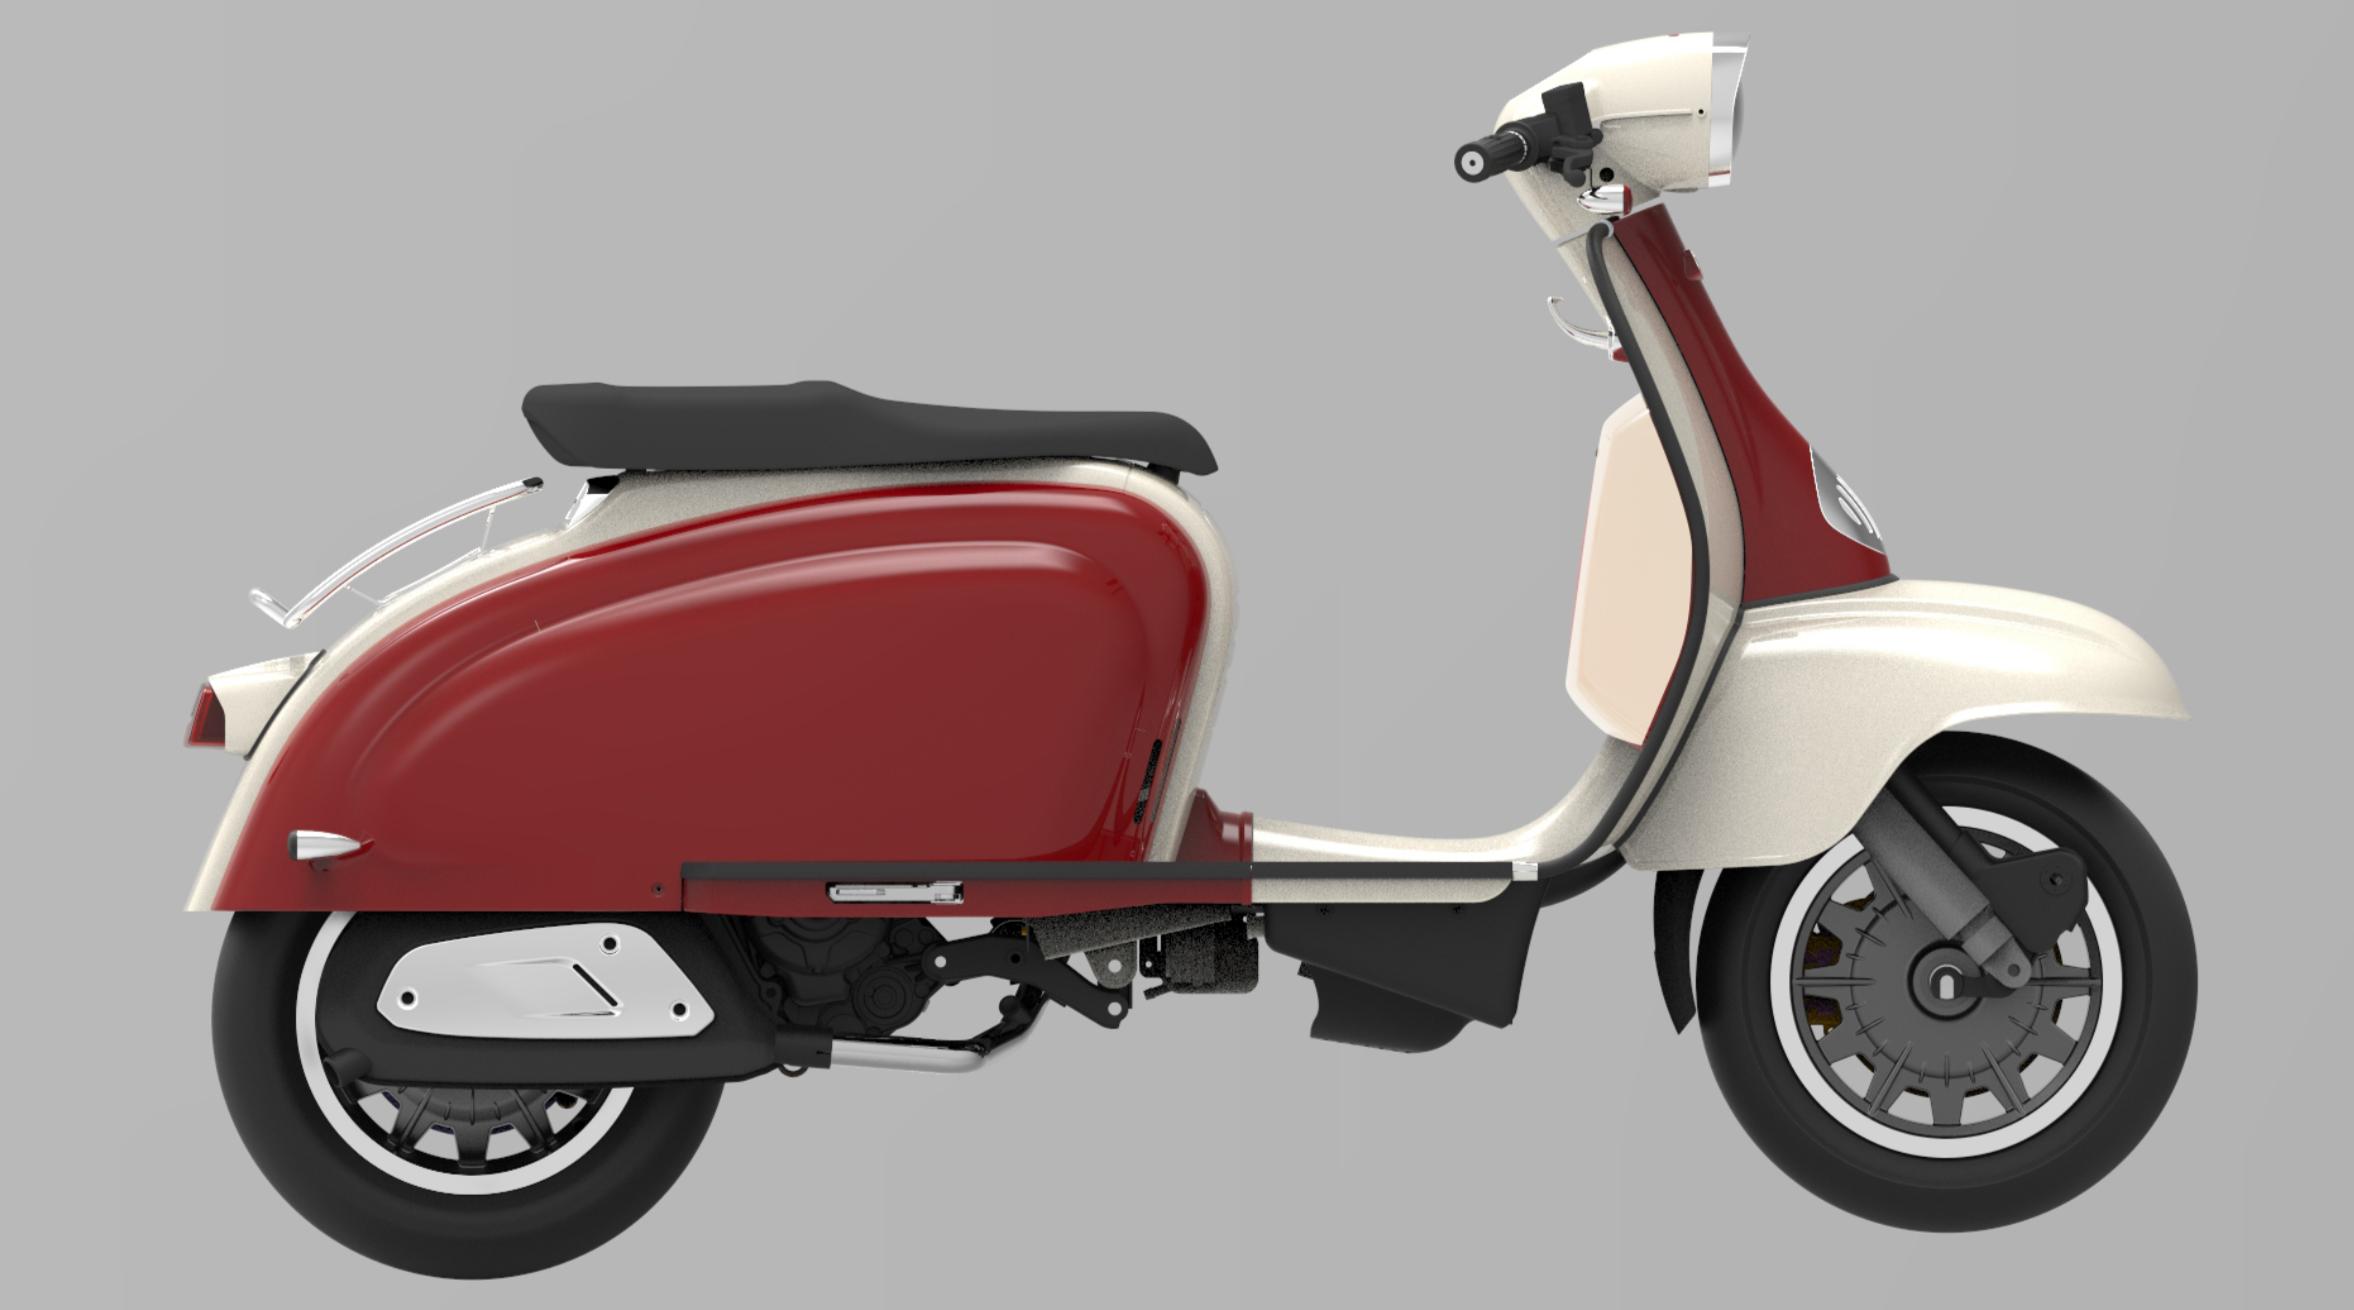 Duel Colour TG 125 S